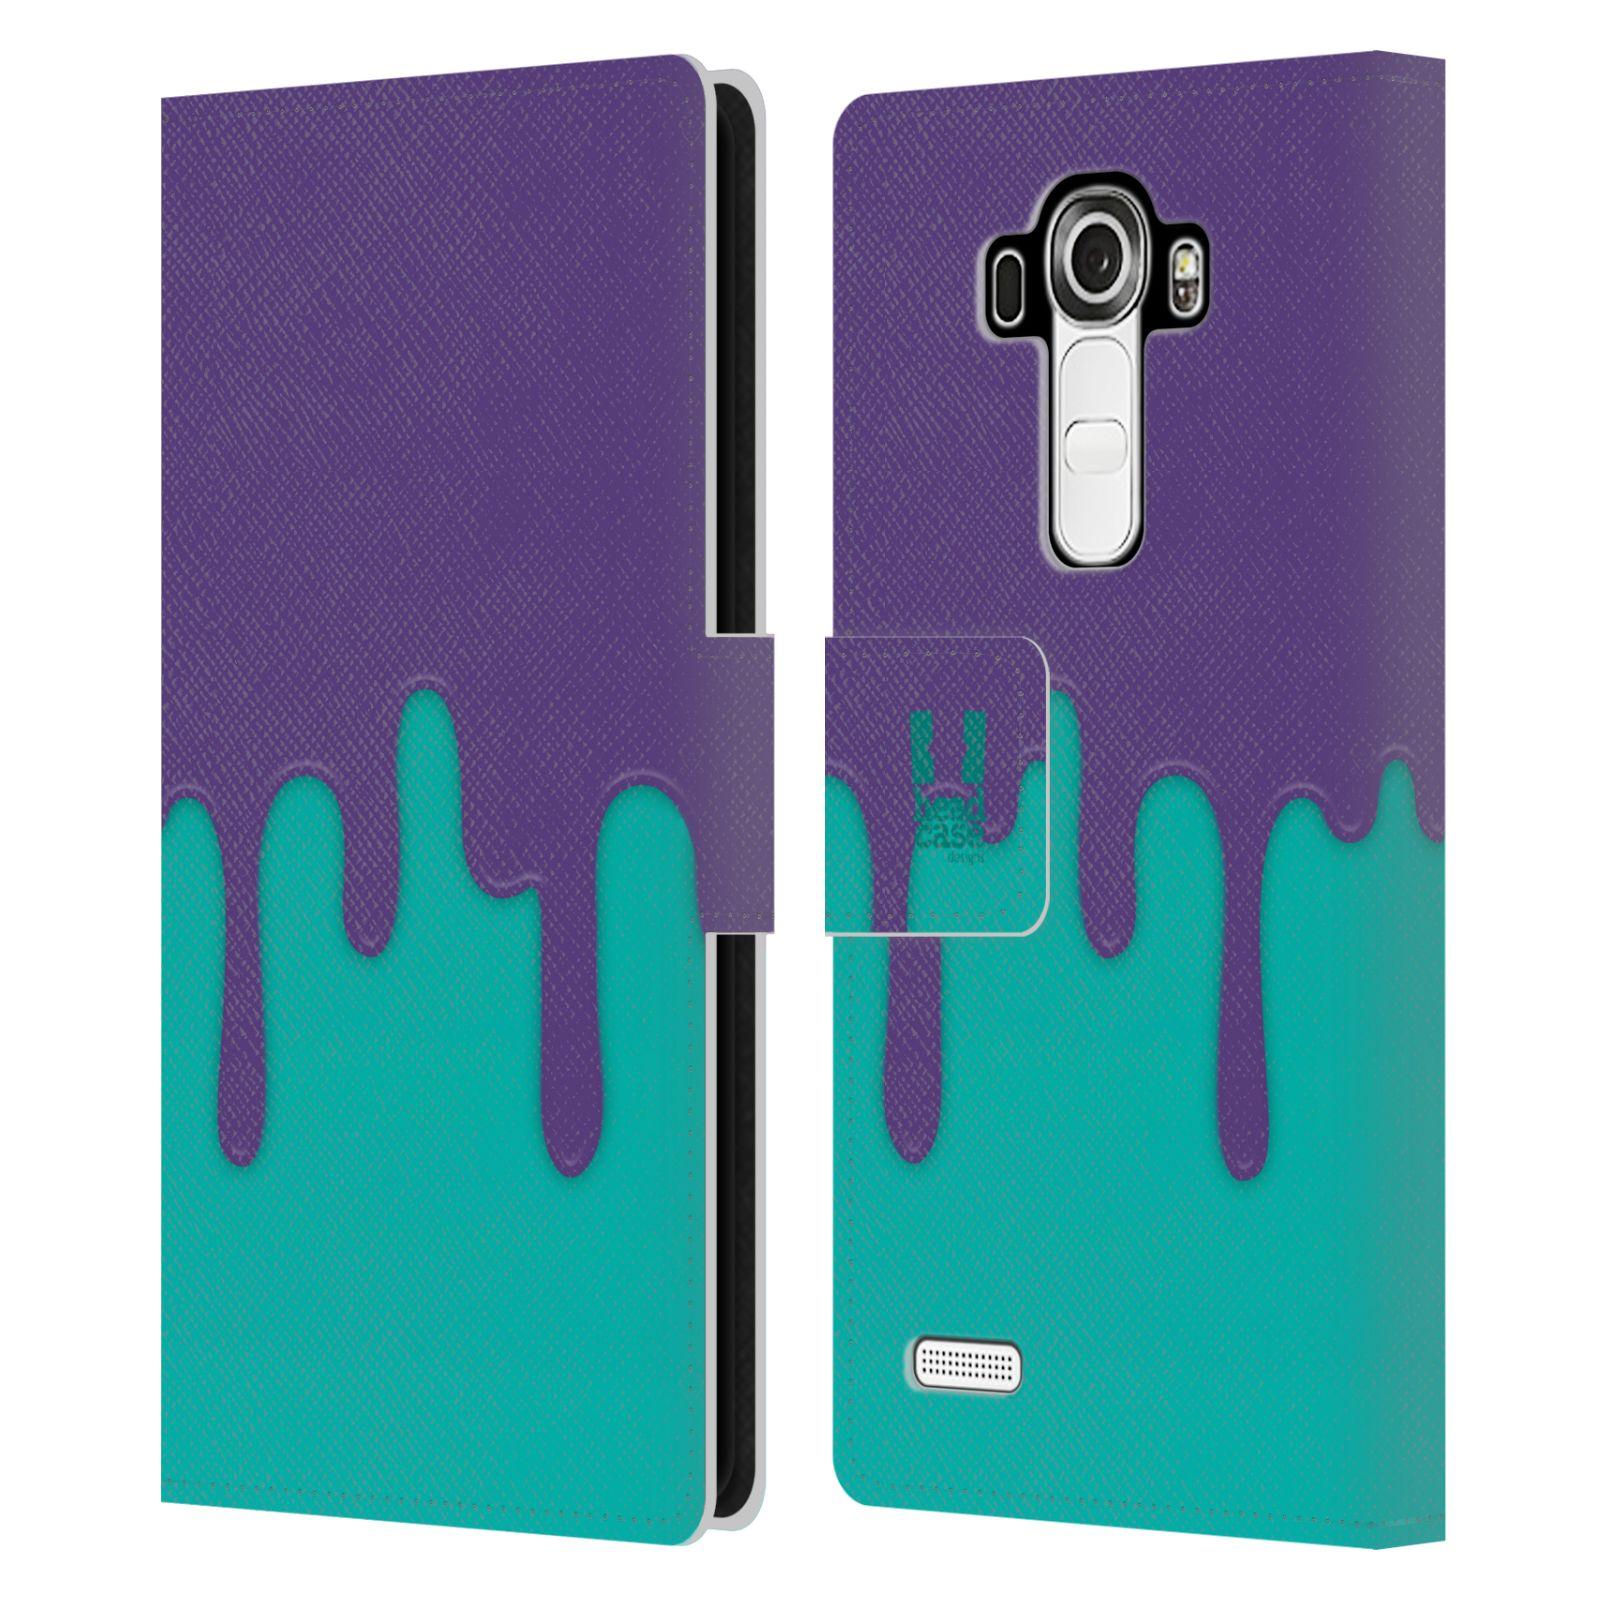 HEAD CASE Flipové pouzdro pro mobil LG G4 (H815) Rozlitá barva fialová a tyrkysová